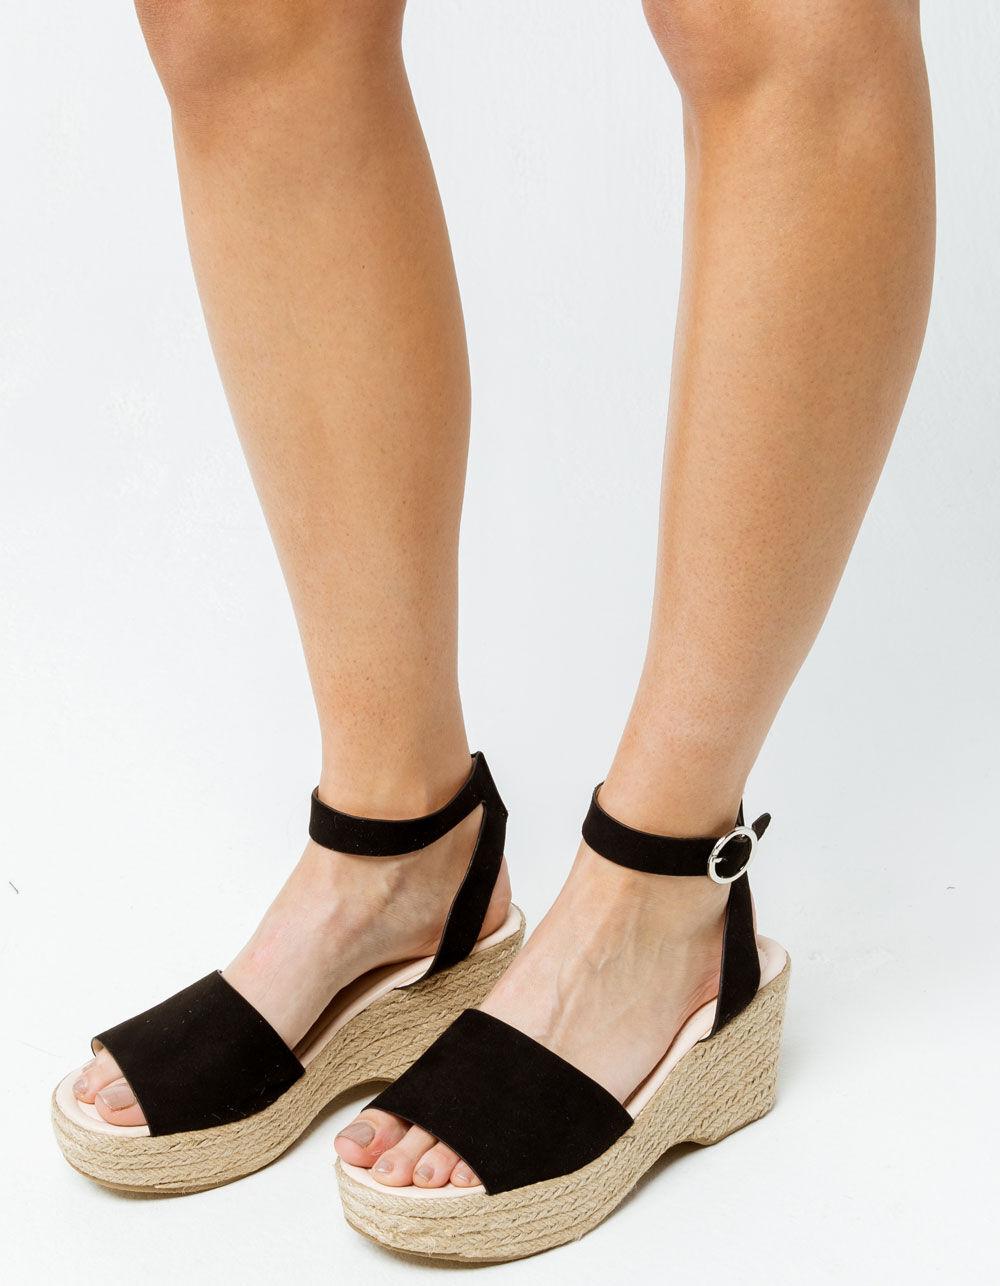 QUPID Ankle Strap Curved Espadrilles Black Sandals